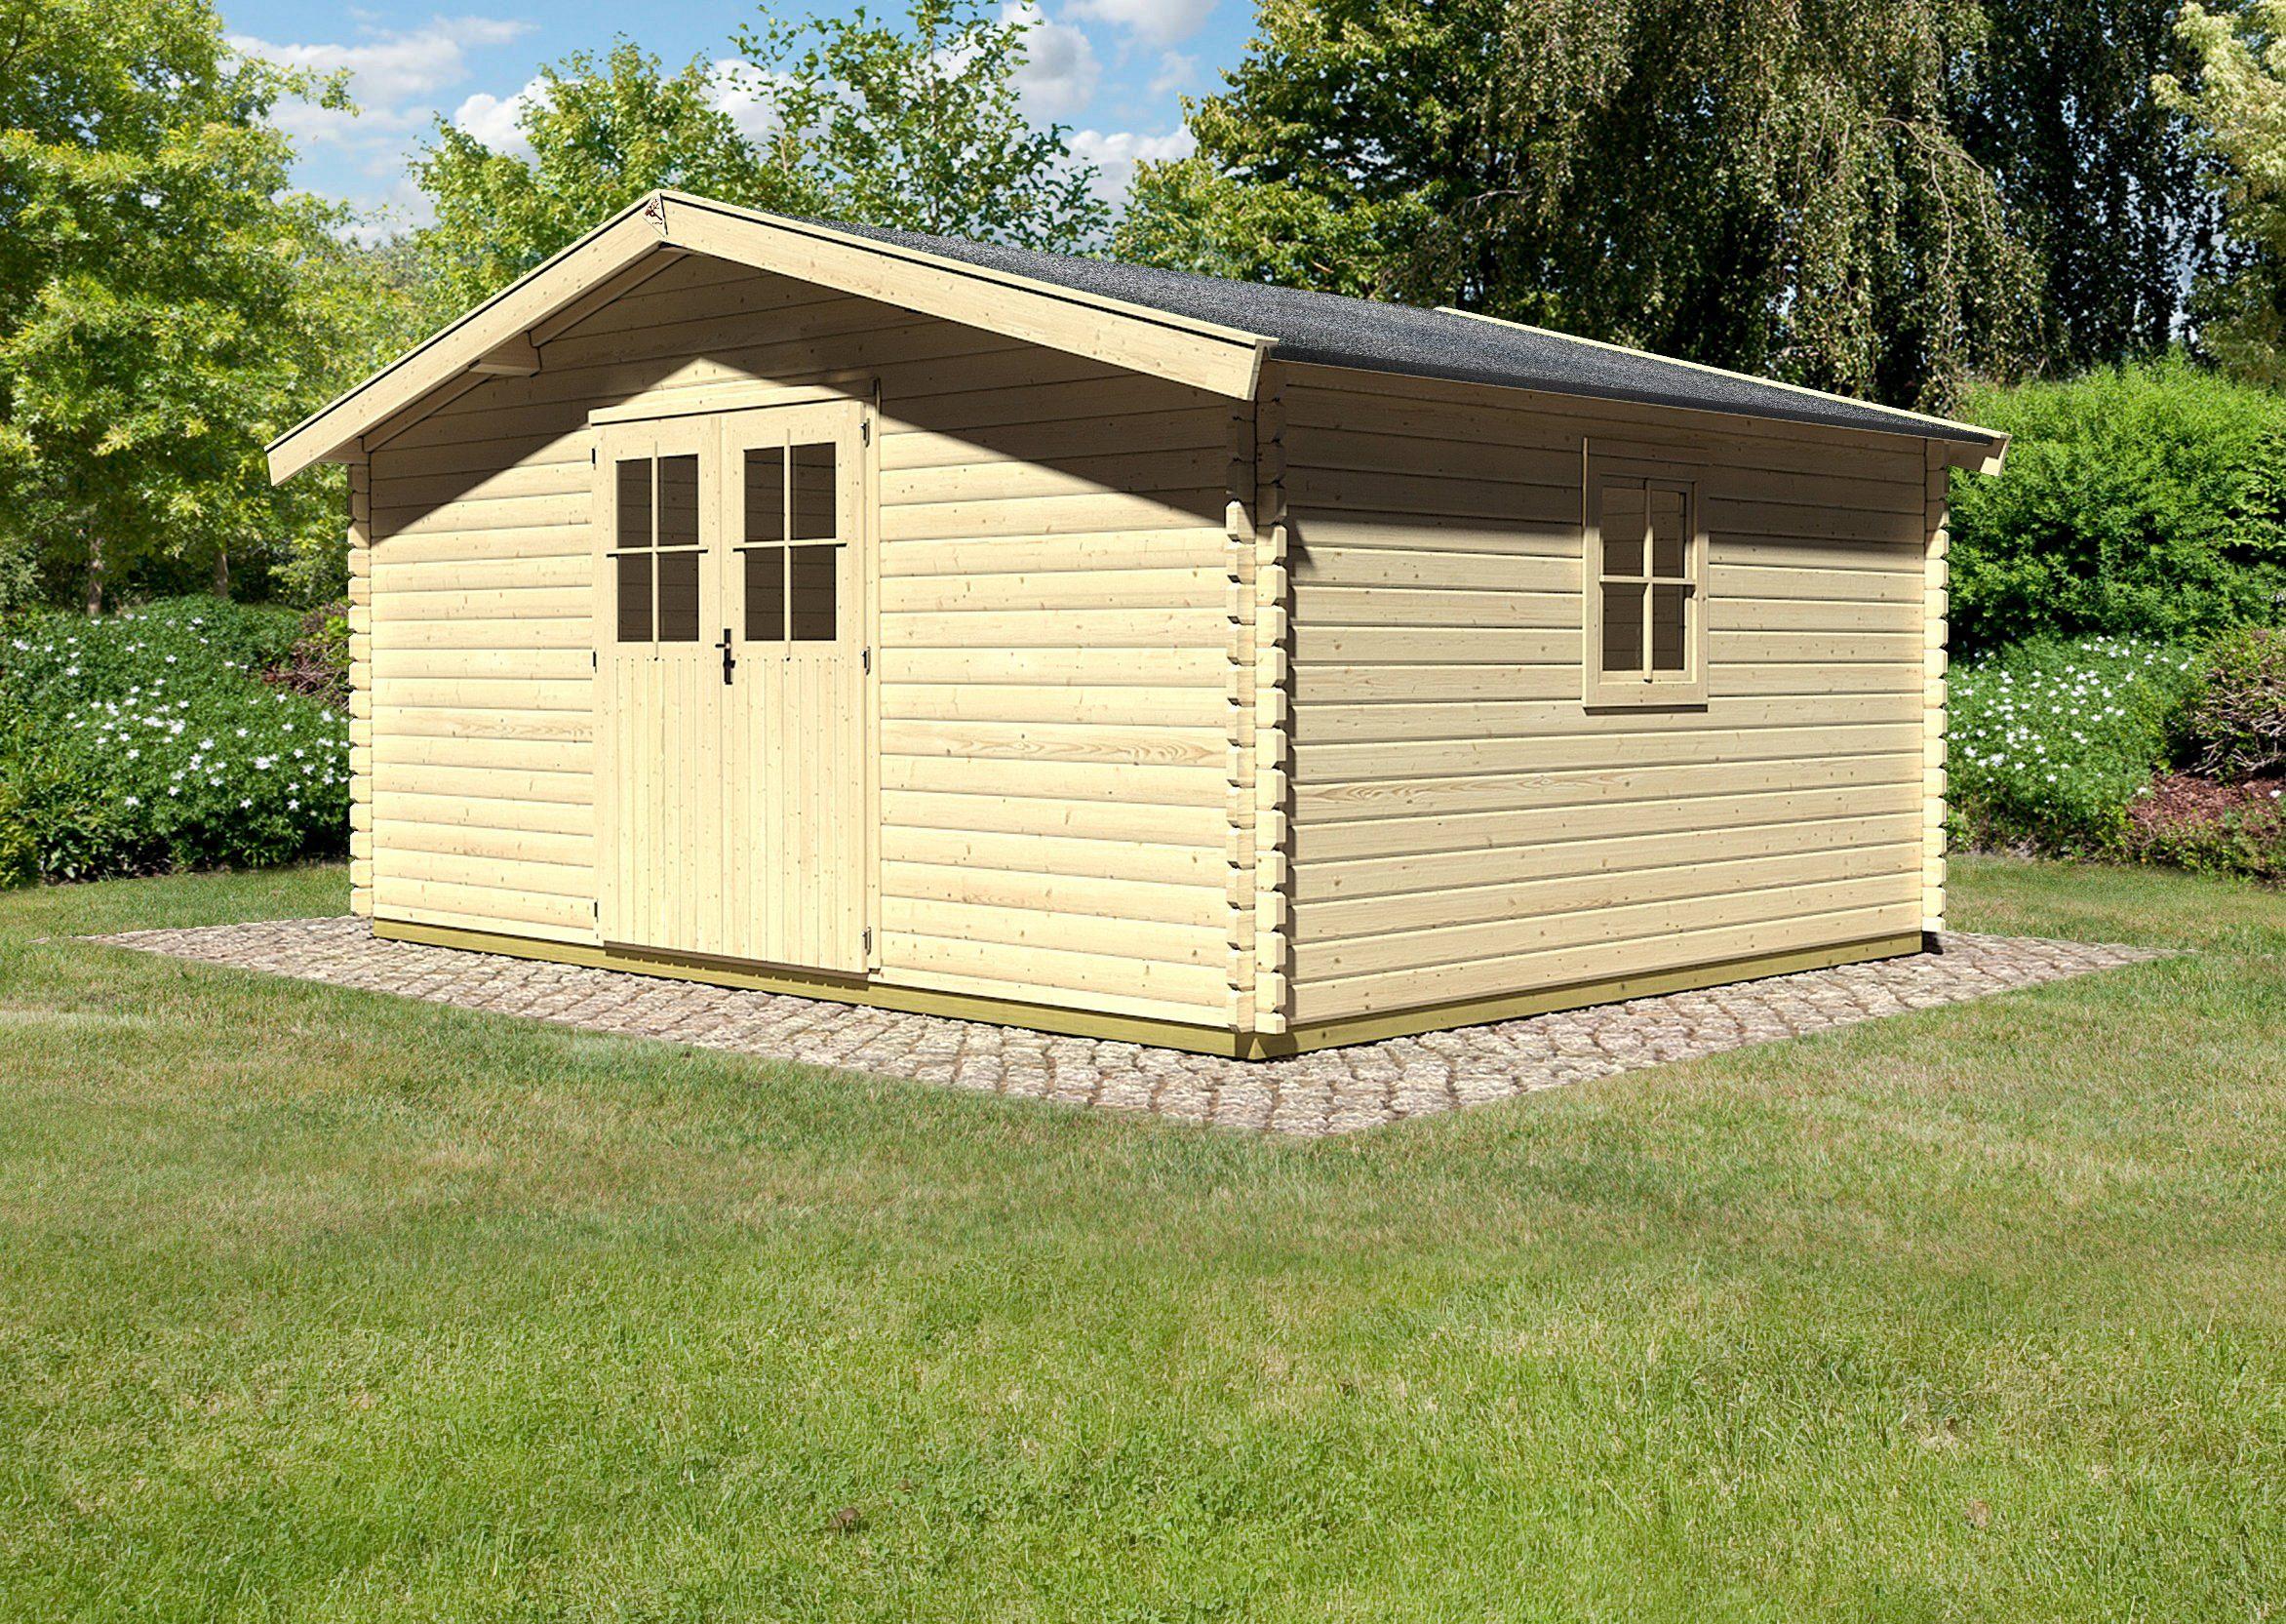 KONIFERA Gartenhaus »Mühlheim 8«, BxT: 462x372 cm, 40 mm, inkl. Fußboden, natur